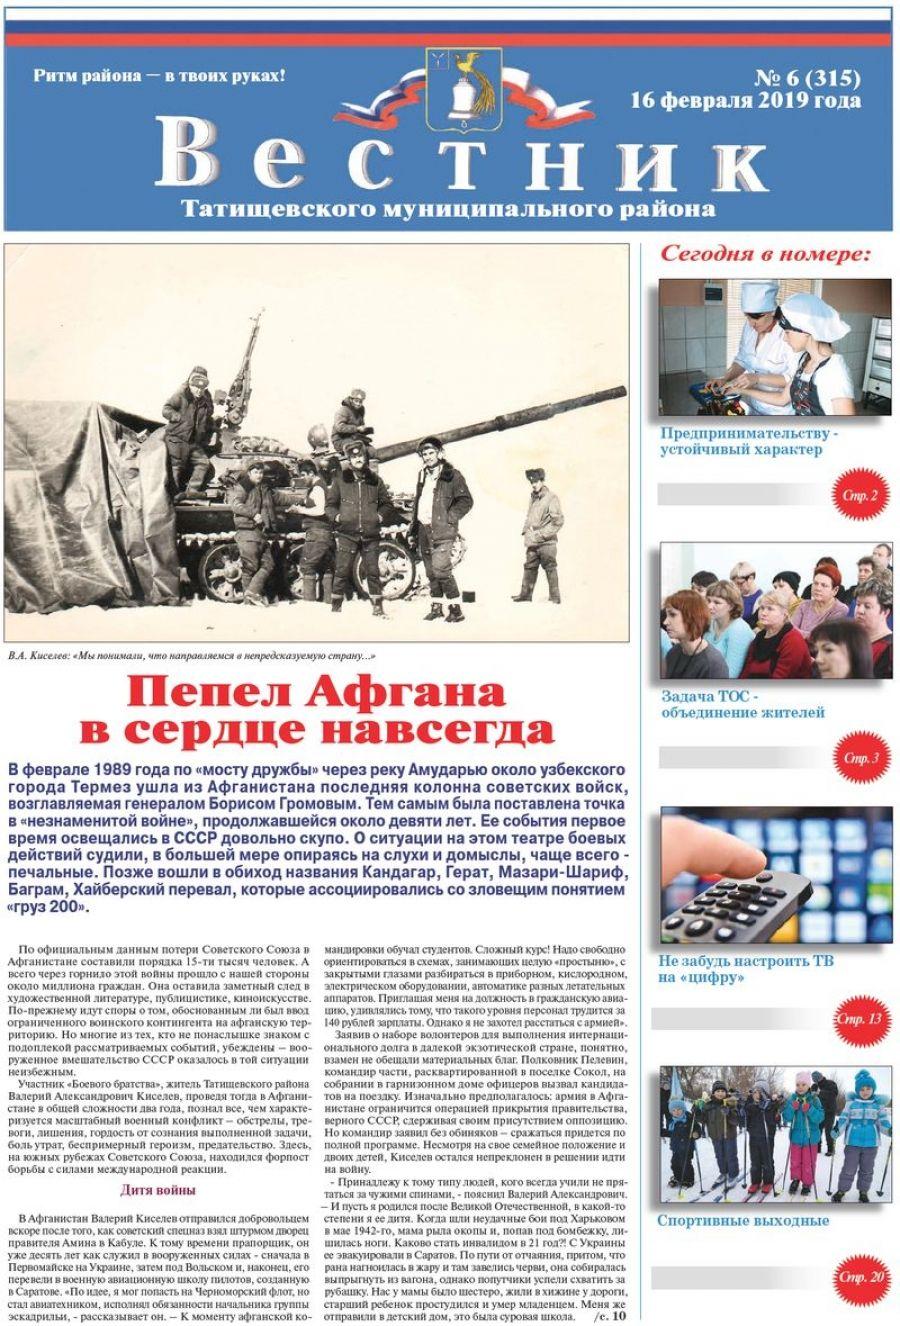 Читайте в очередном номере газеты «Вестник»